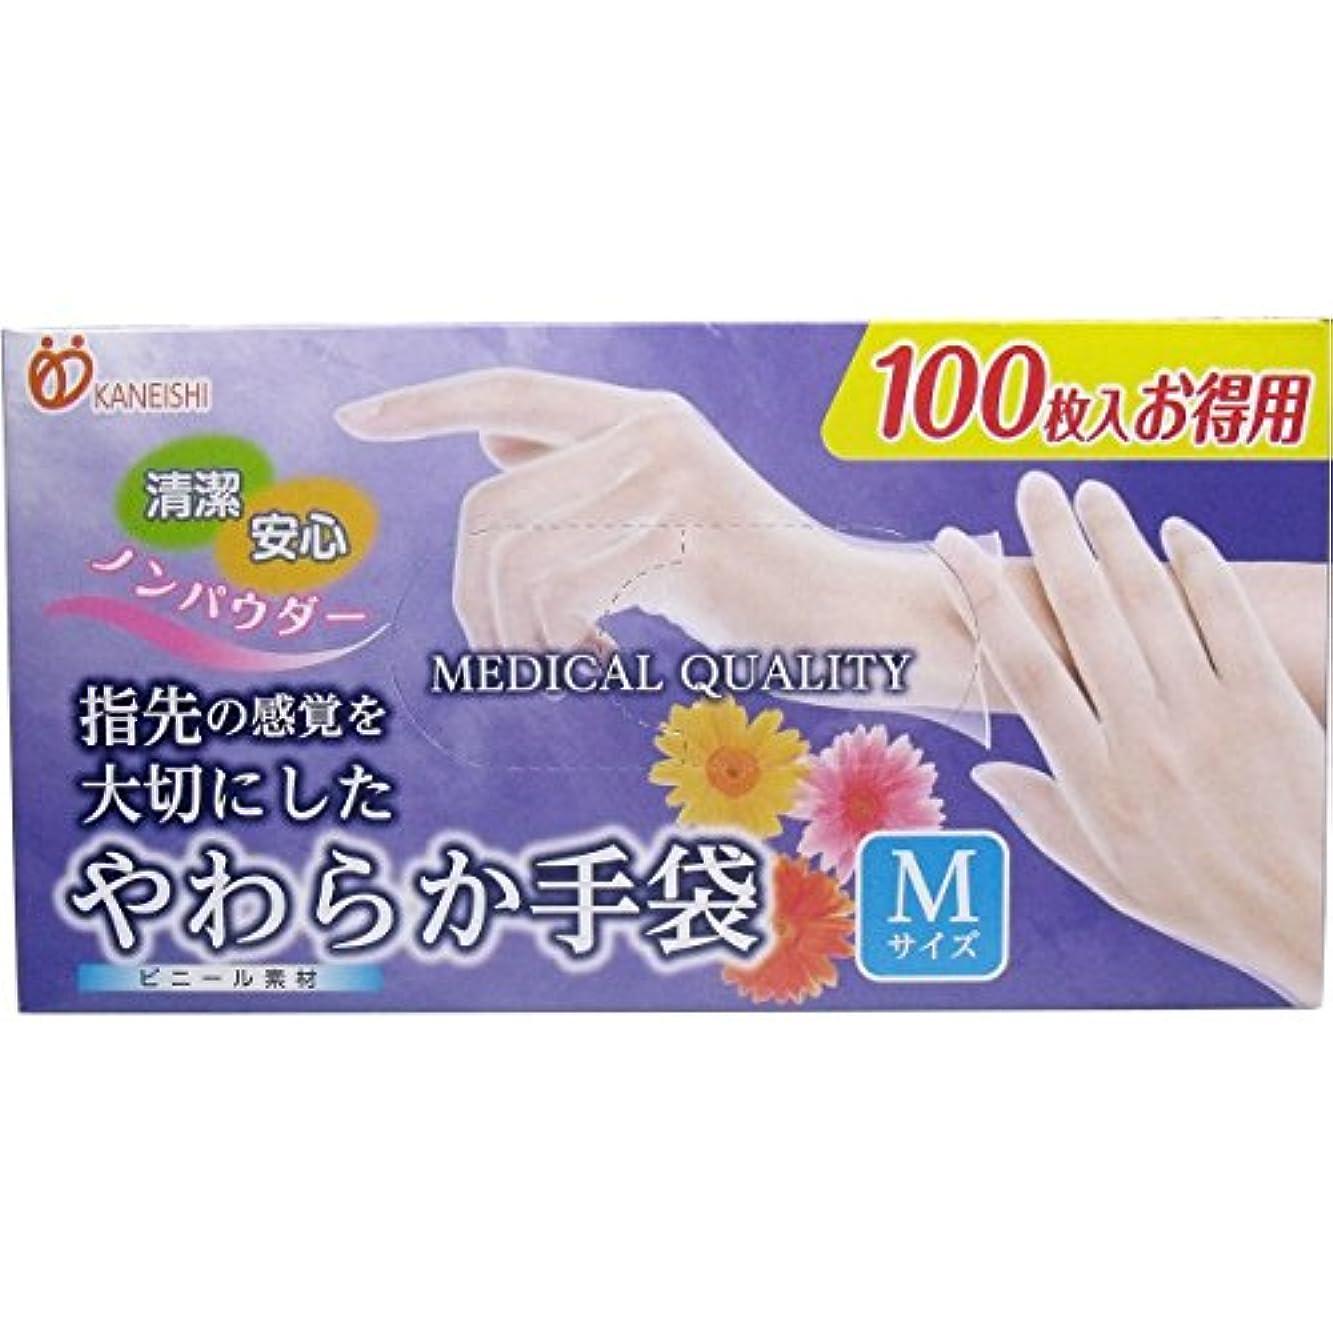 下着慢過激派やわらか手袋 ビニール素材 Mサイズ 100枚入x4